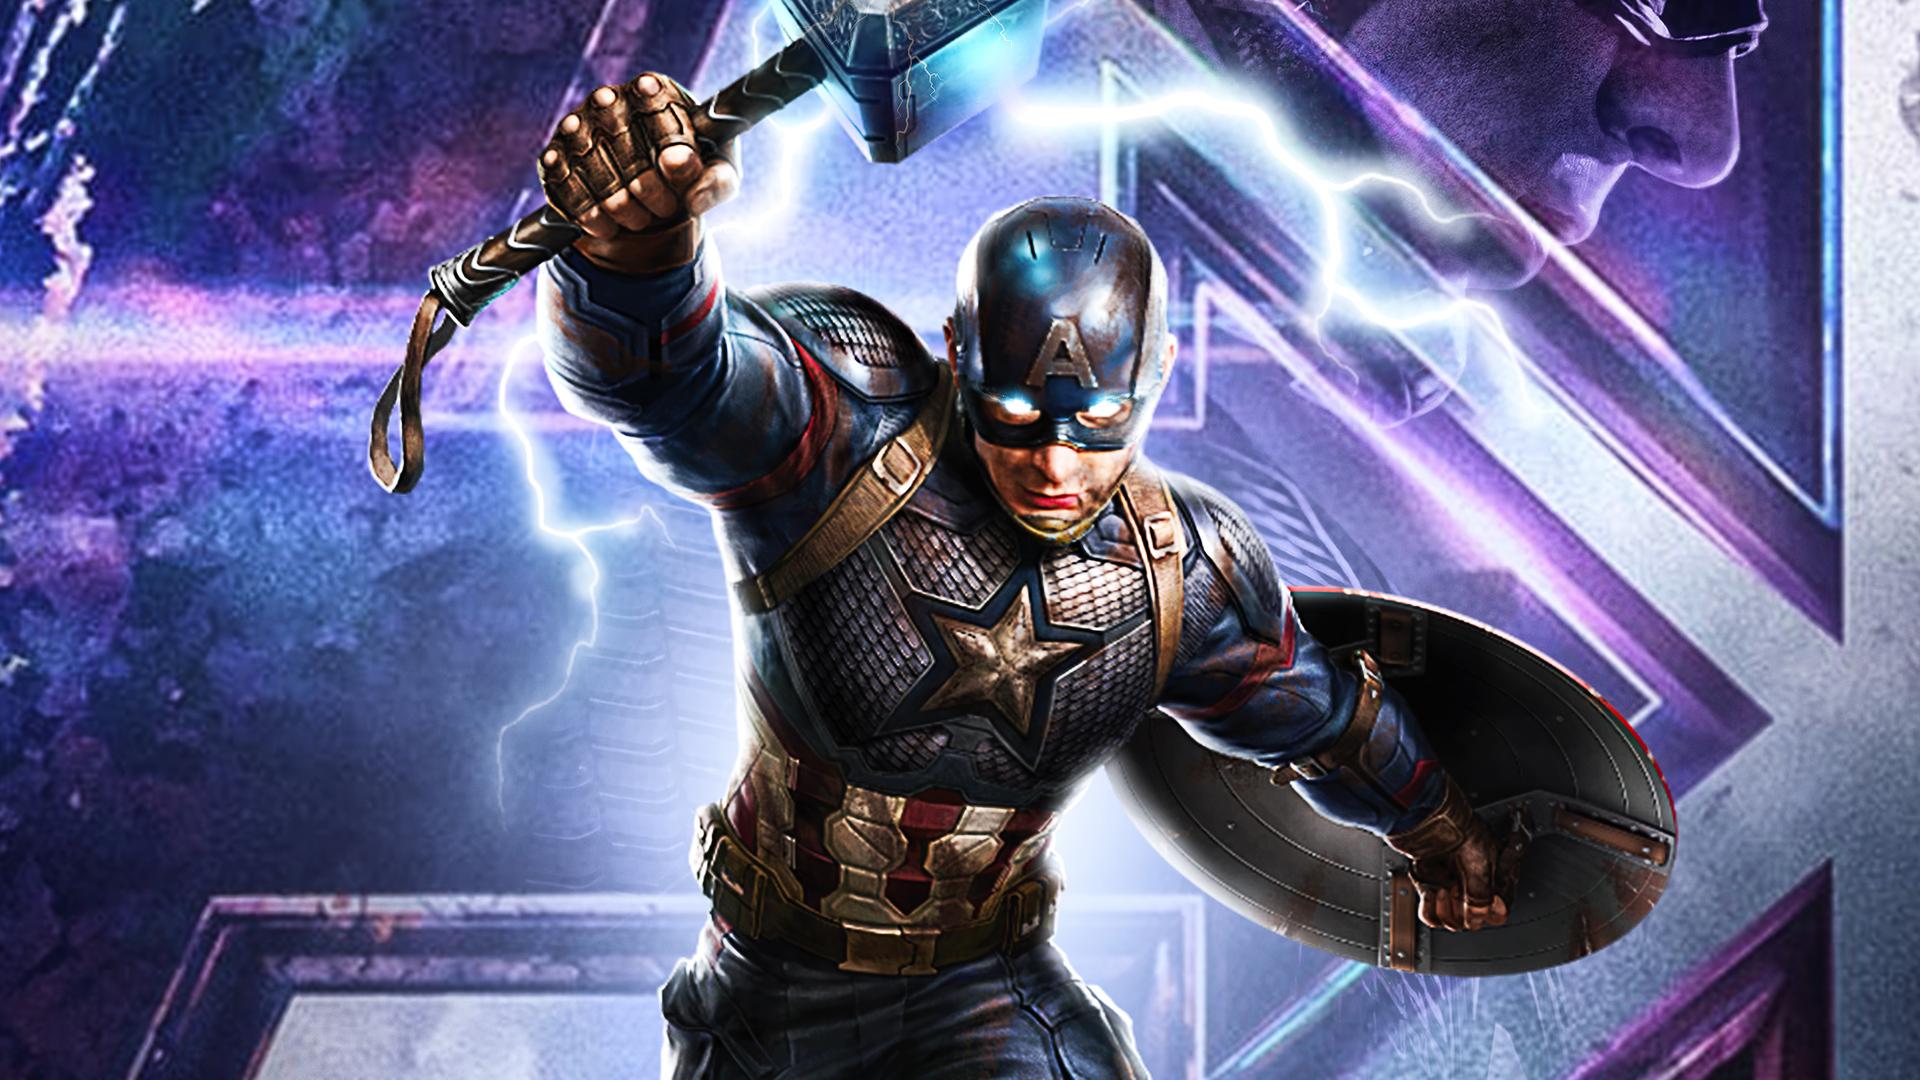 1920x1080 Captain America Avengers Endgame 2020 Laptop ...